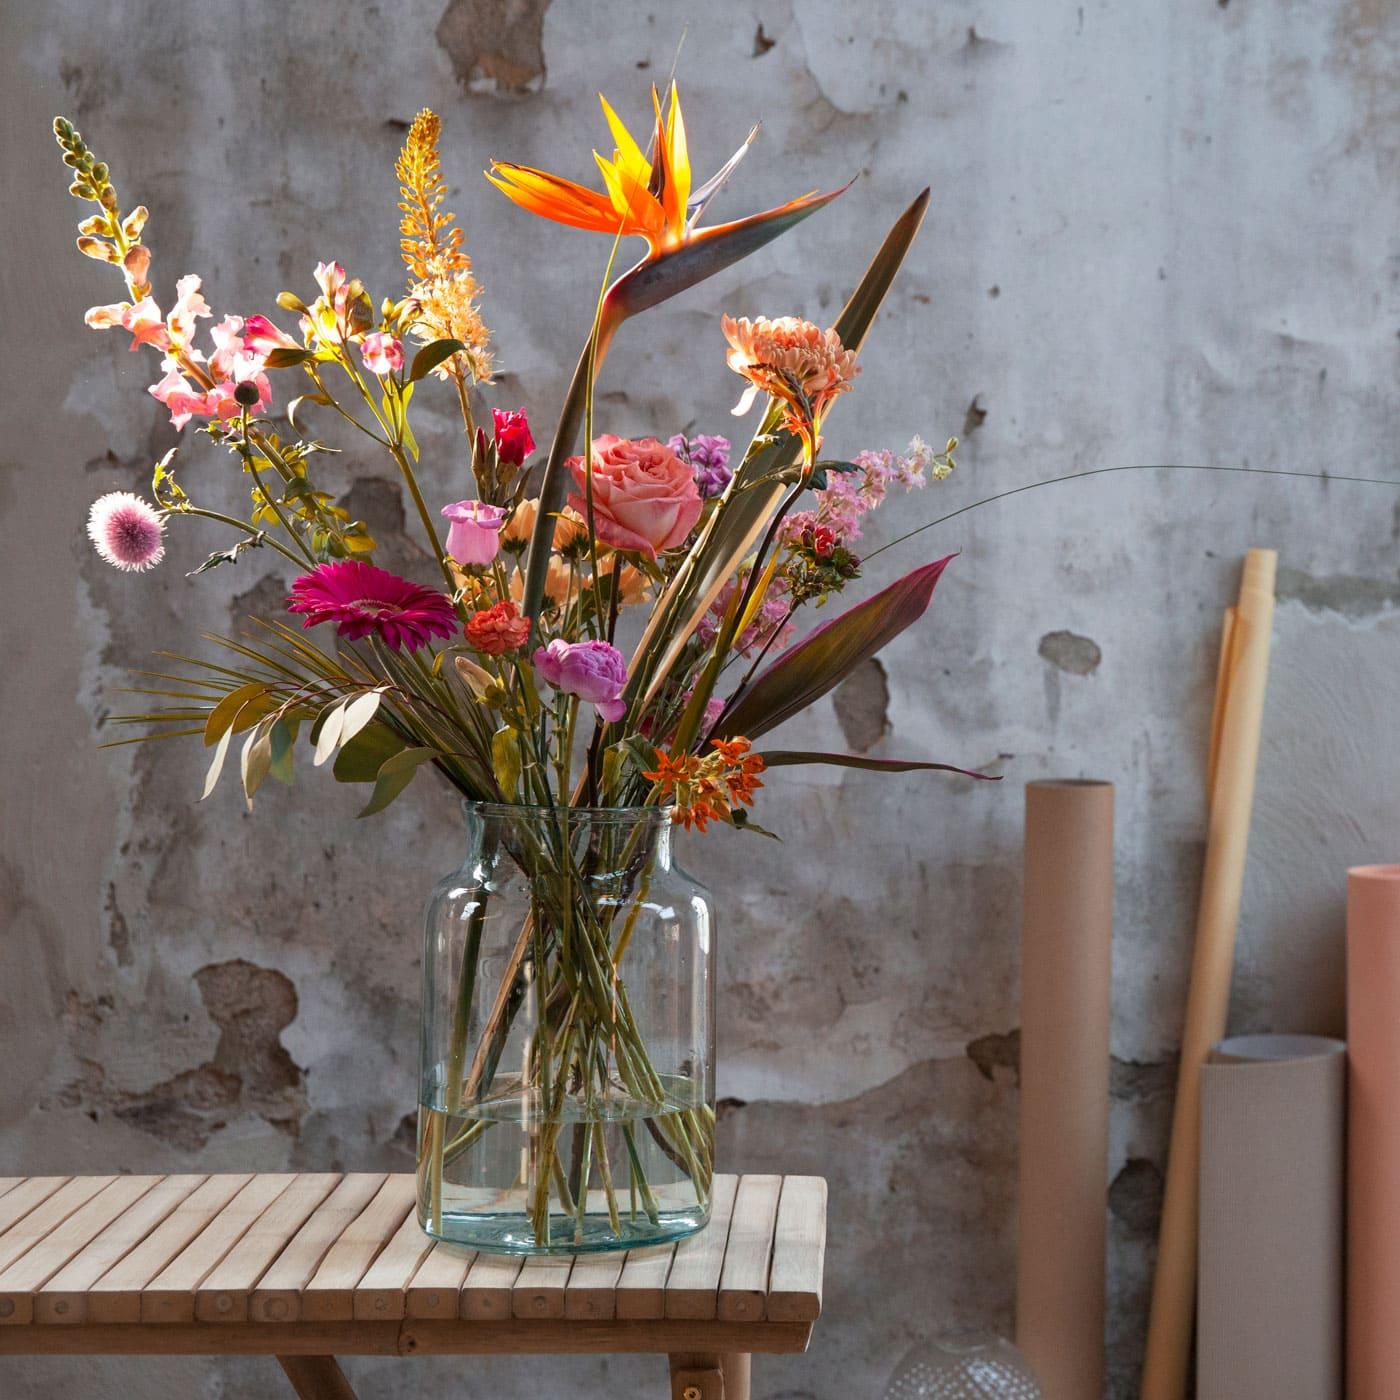 Geschenk zum Muttertag; Blumenabo von Bloomon // HIMBEER